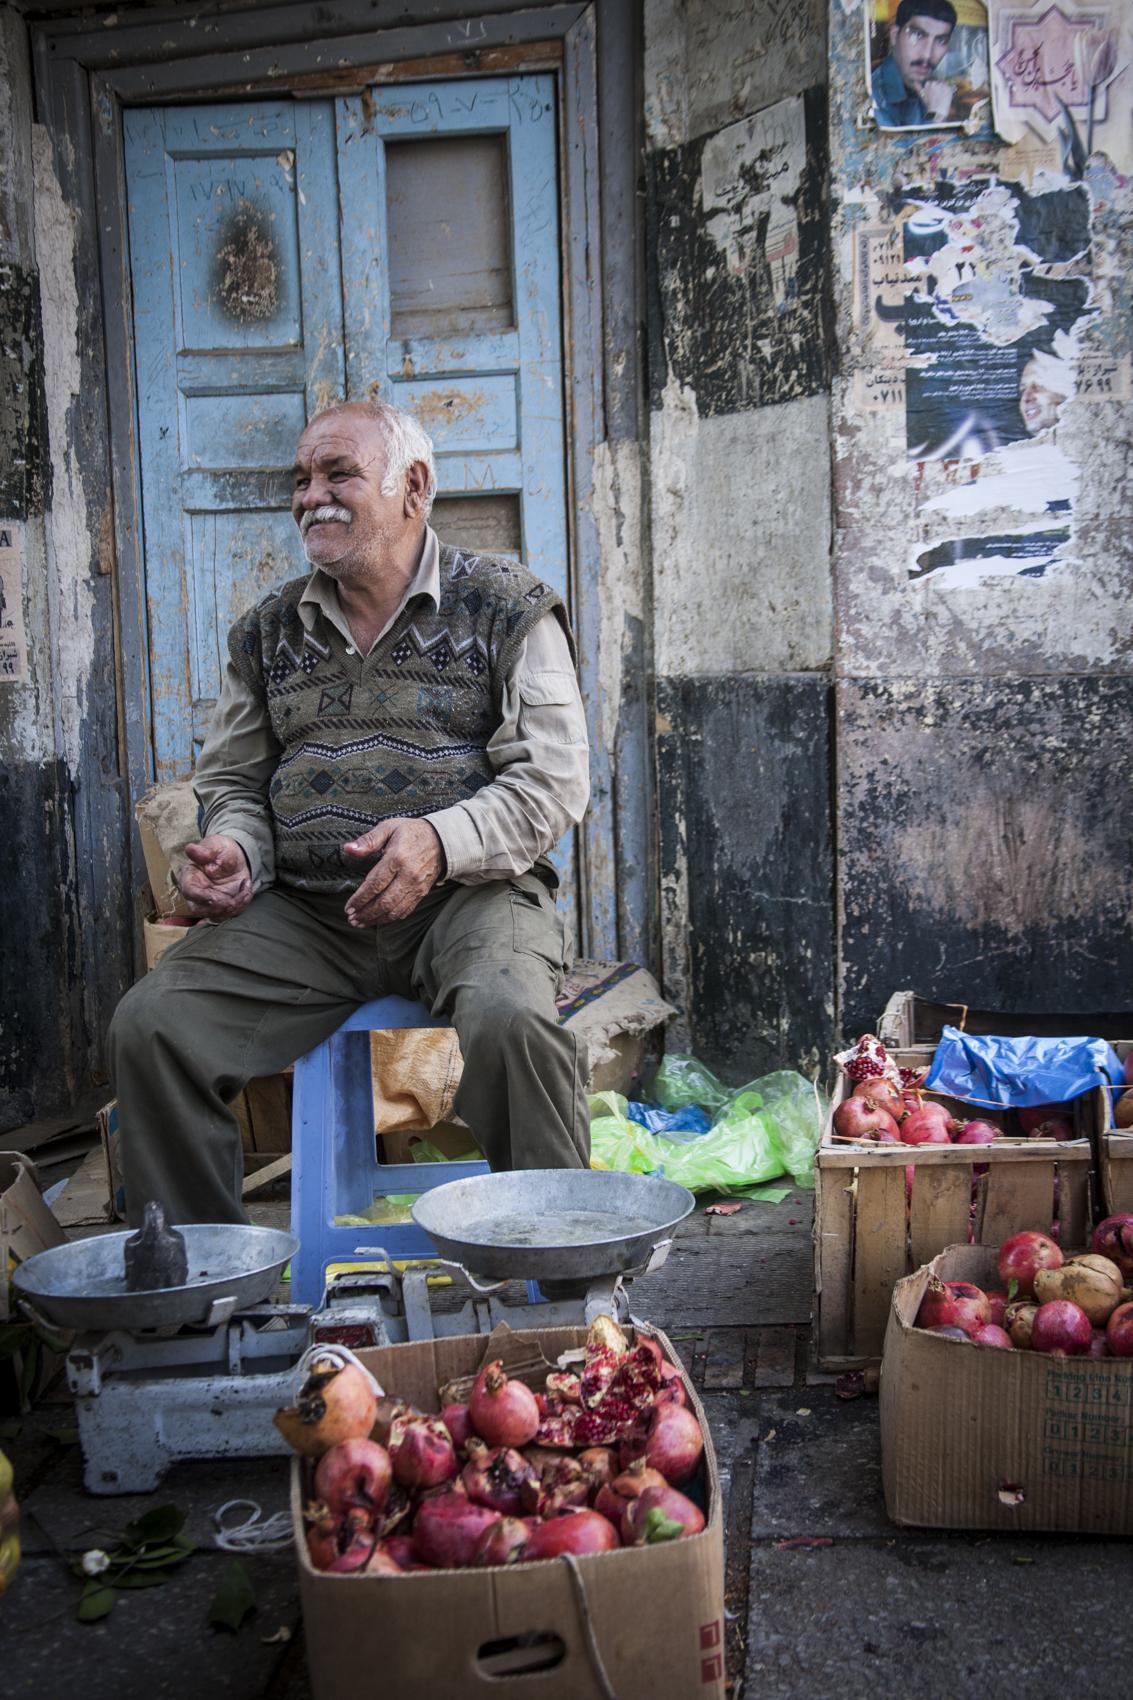 Street vendor, Shiraz